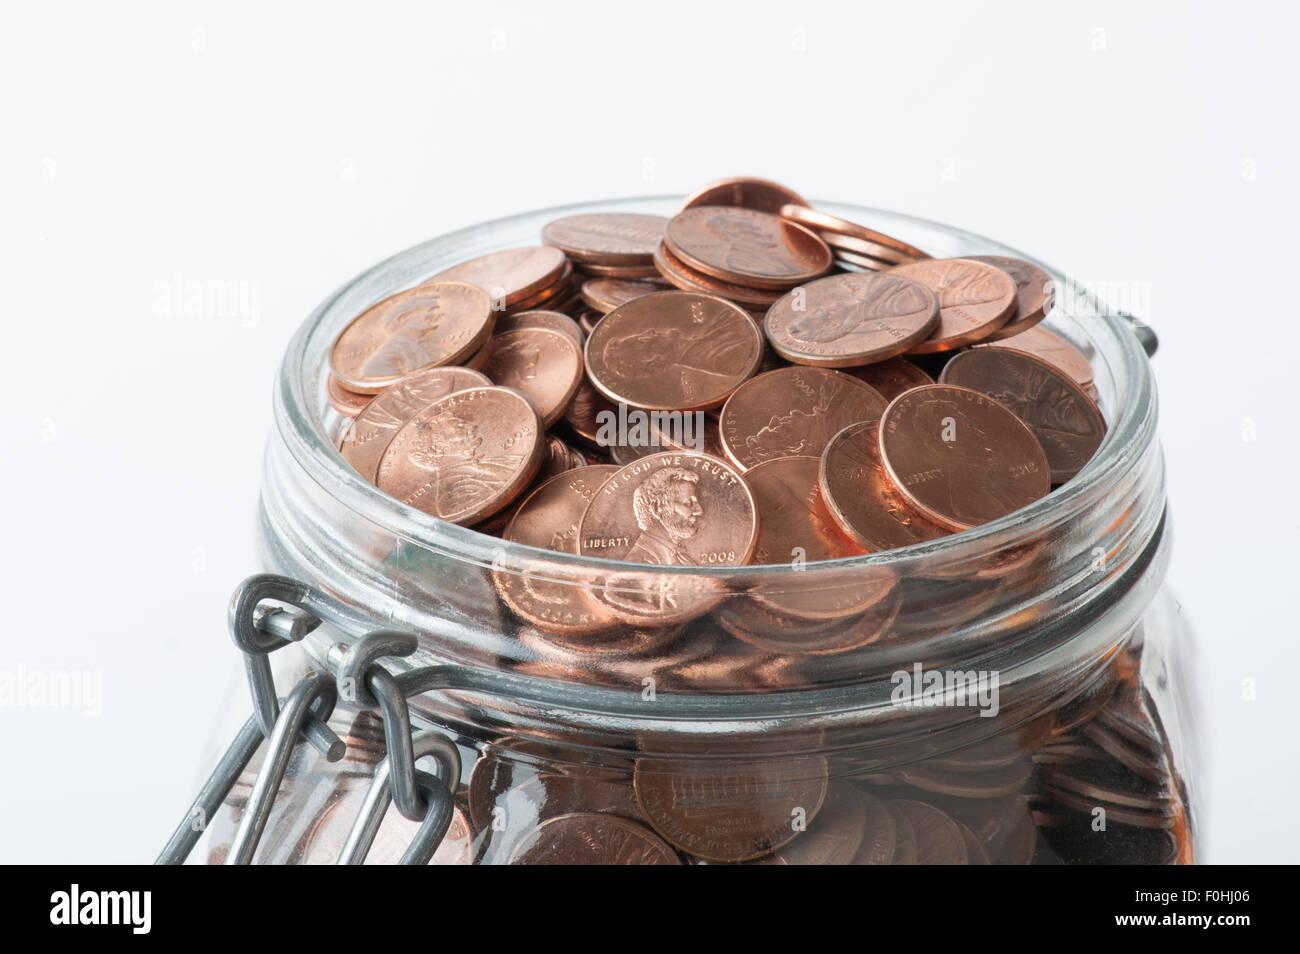 mason jar full of United States pennies - Stock Image